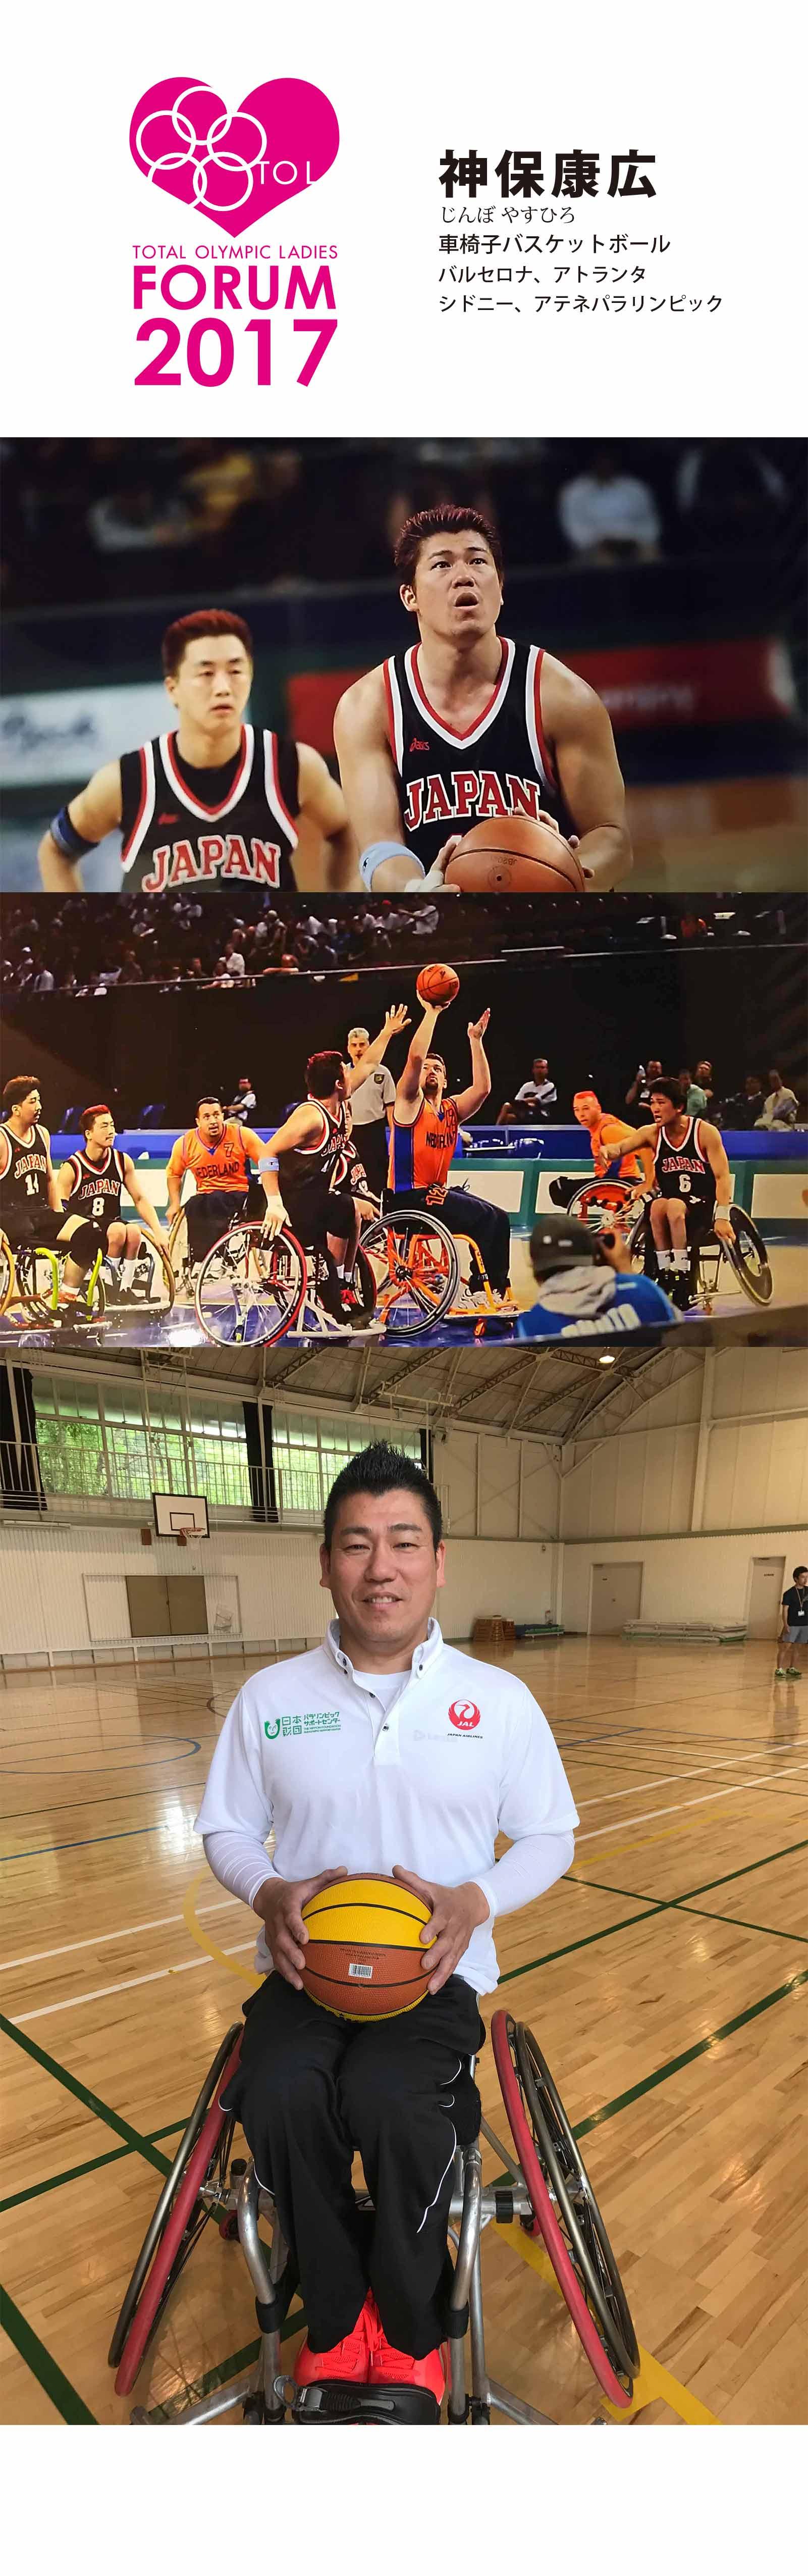 TOLフォーラム2017 神保 康広 車椅子バスケットボール